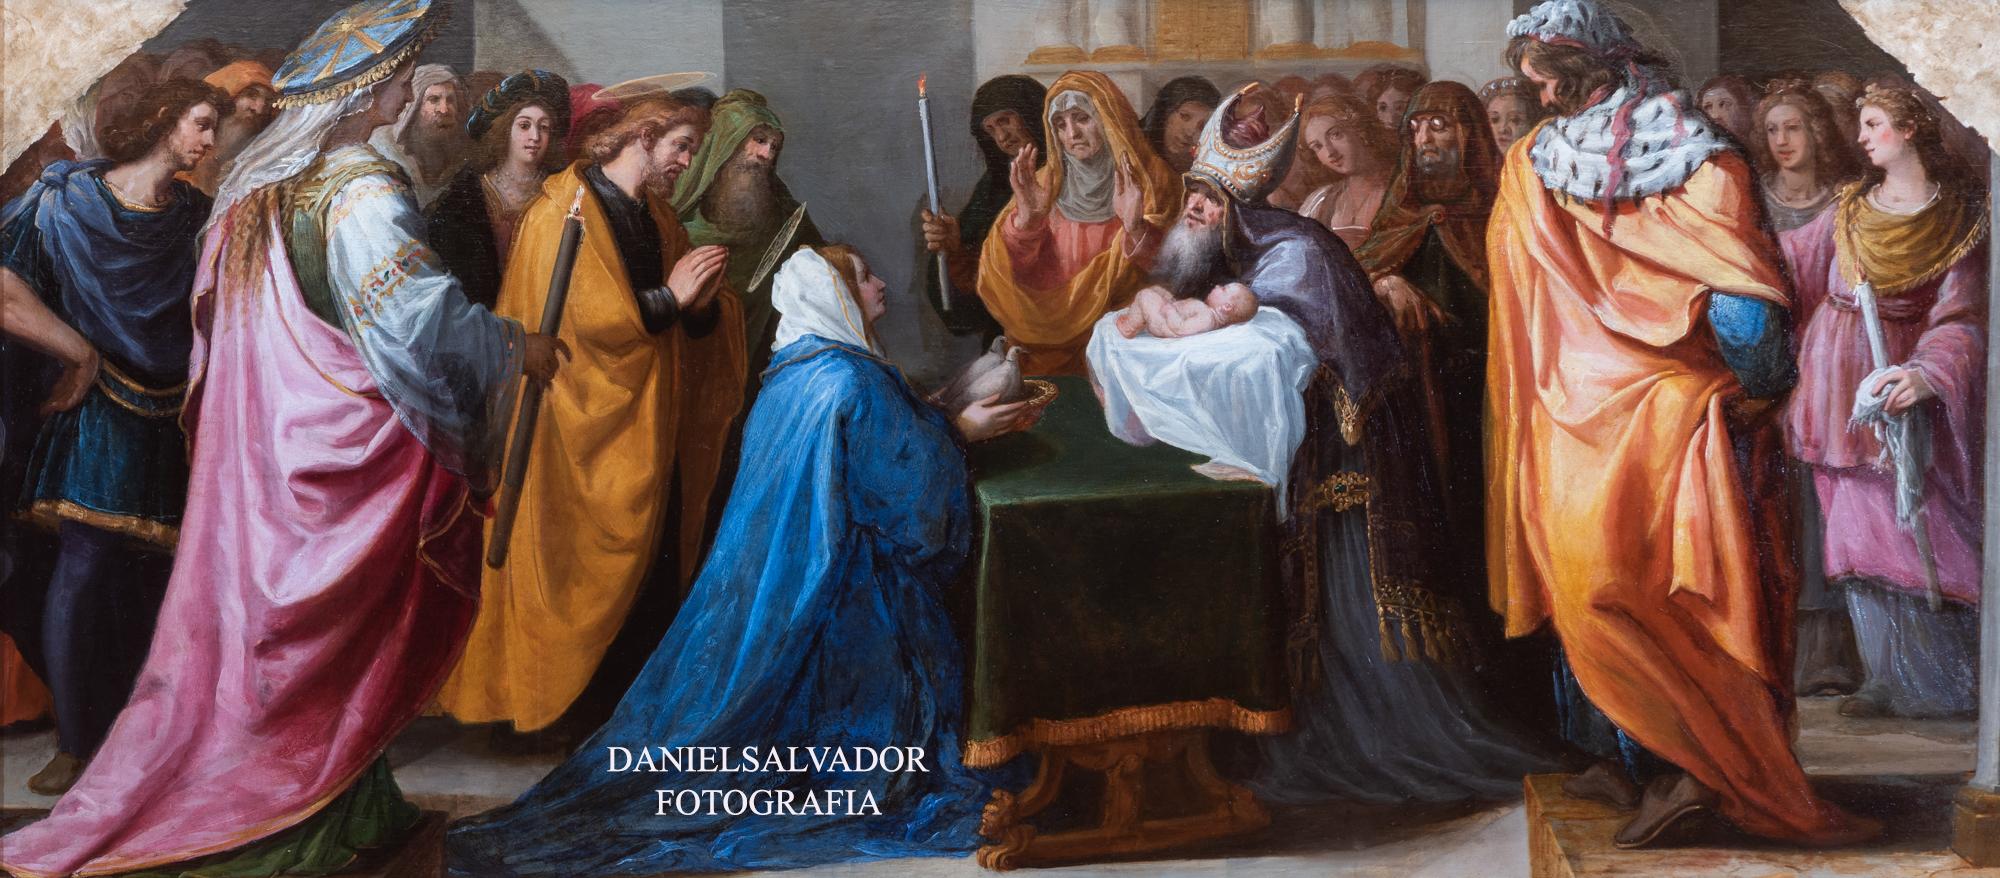 La presentación en el templo. Vicente Carducho. Palacio de Riofrío